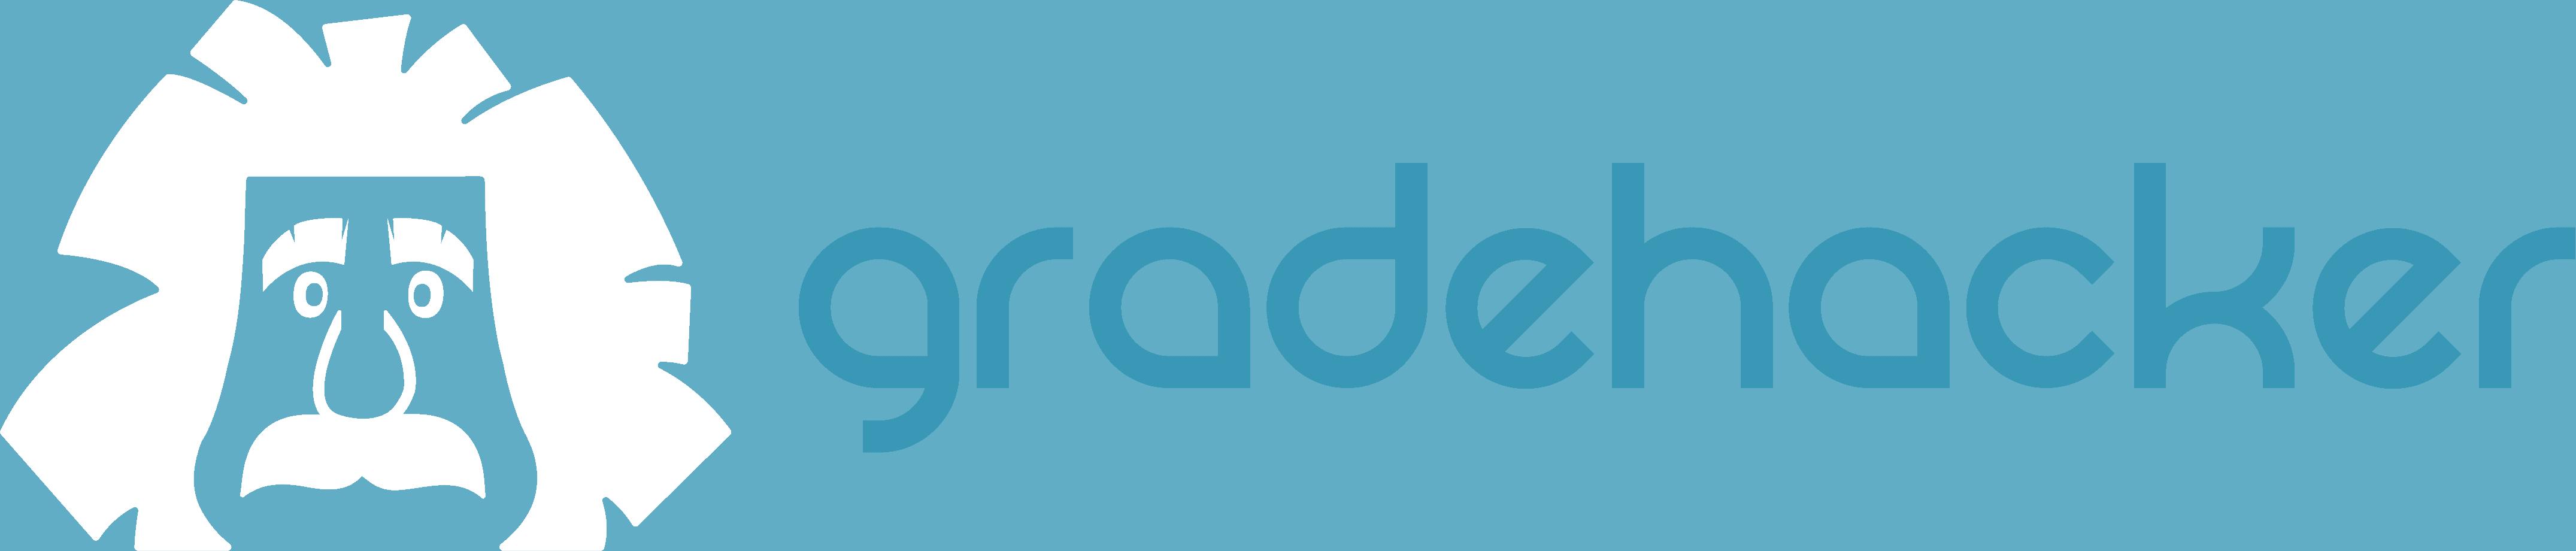 Gradehacker Logo